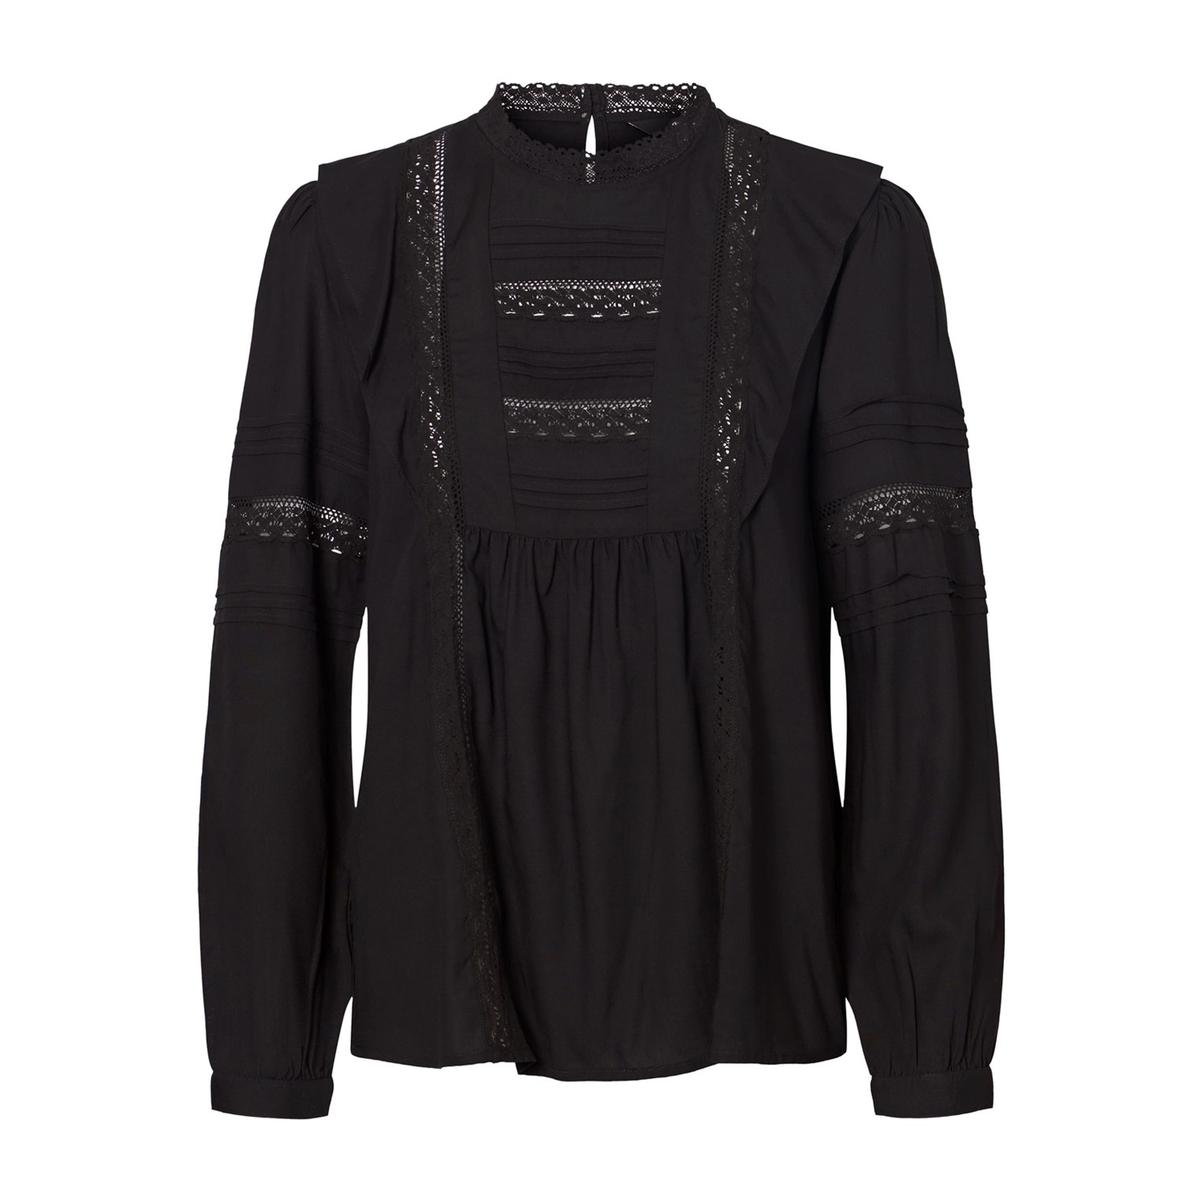 Блузка La Redoute С воротником-стойка и вышивкой M черный комбинезон la redoute с вышивкой без рукавов m черный